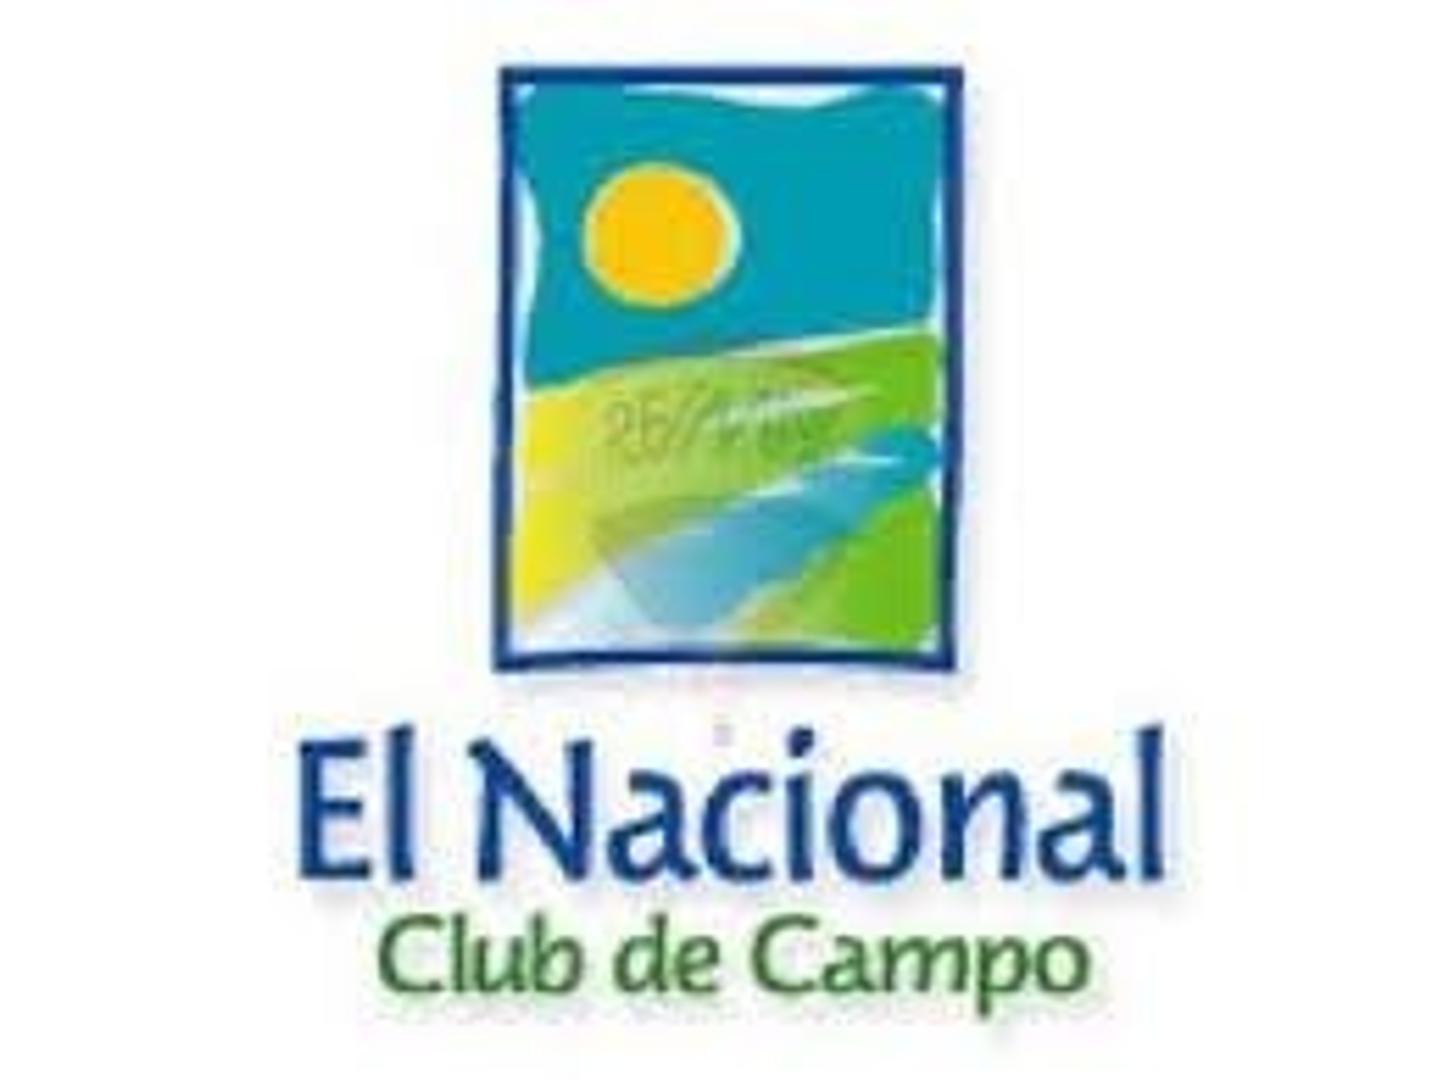 LOTE EN CLUB DE CAMPO EL NACIONAL